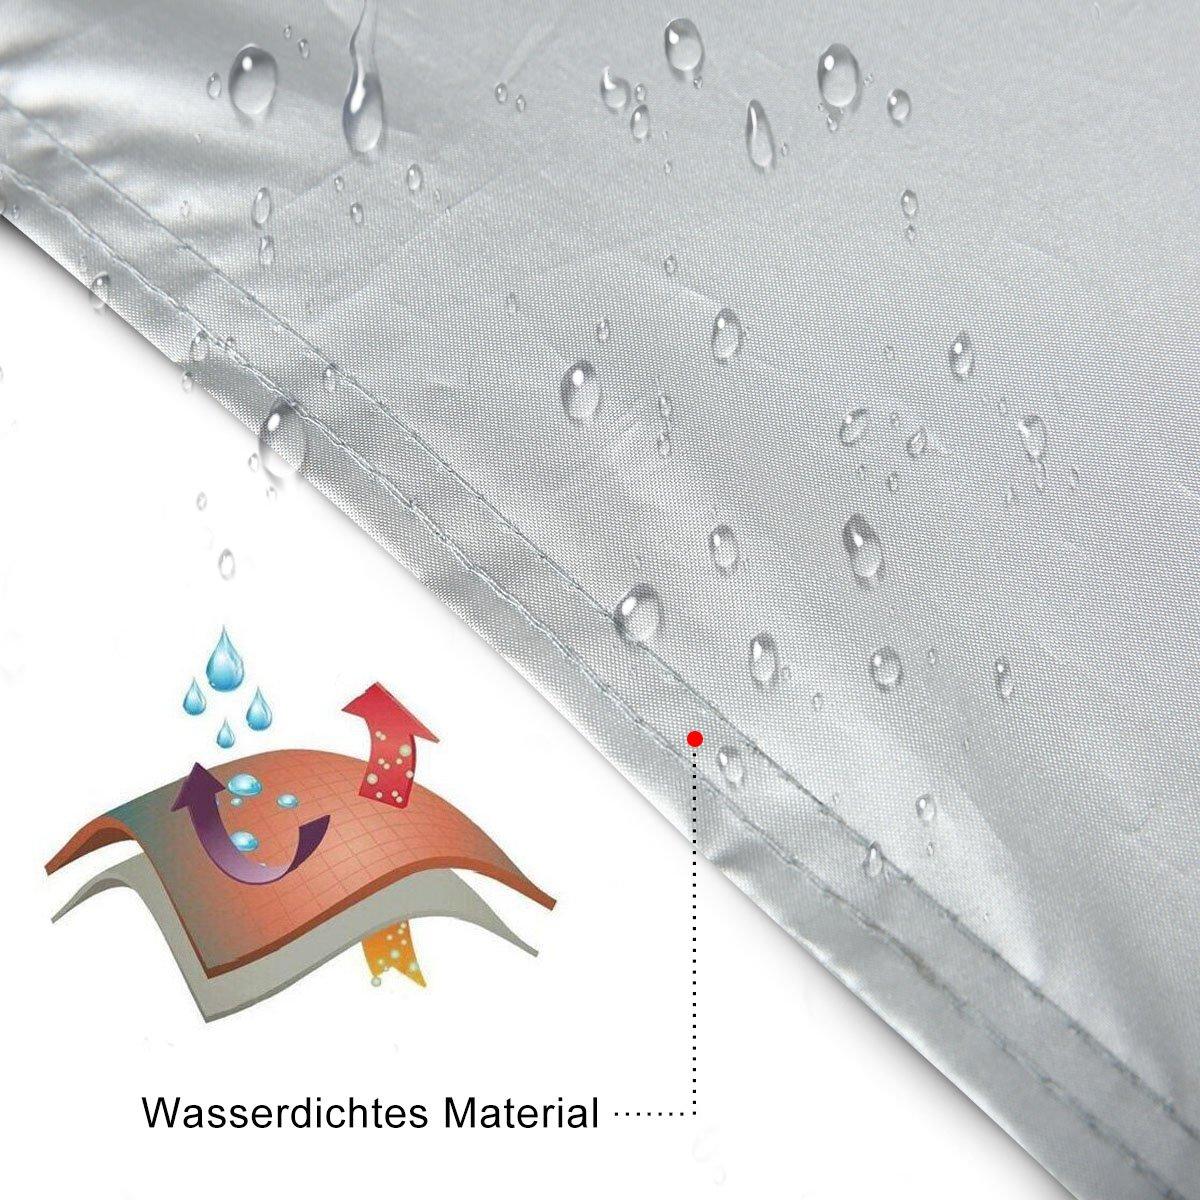 Amazon.es: MATCC Funda Exterior para Coche Semi Garaje Funda Protector de Parabrisas Resistente al Polvo a los Rayos UV y a Luz de Sol (280 * 150 * 60cm)